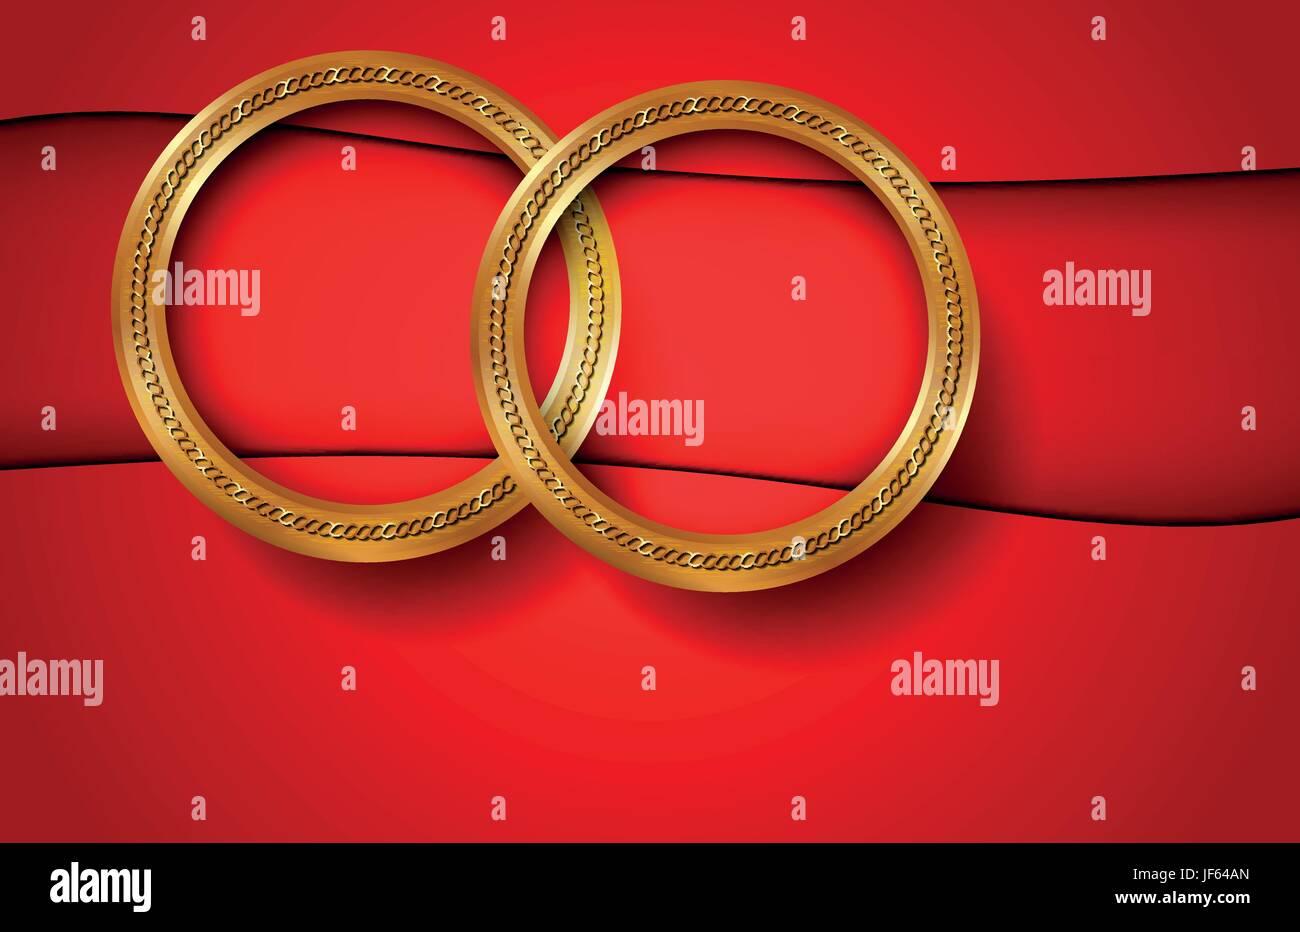 ring, circle, metallic, dark, curve, shaddow, shadow, gold, ring, circle, Stock Vector